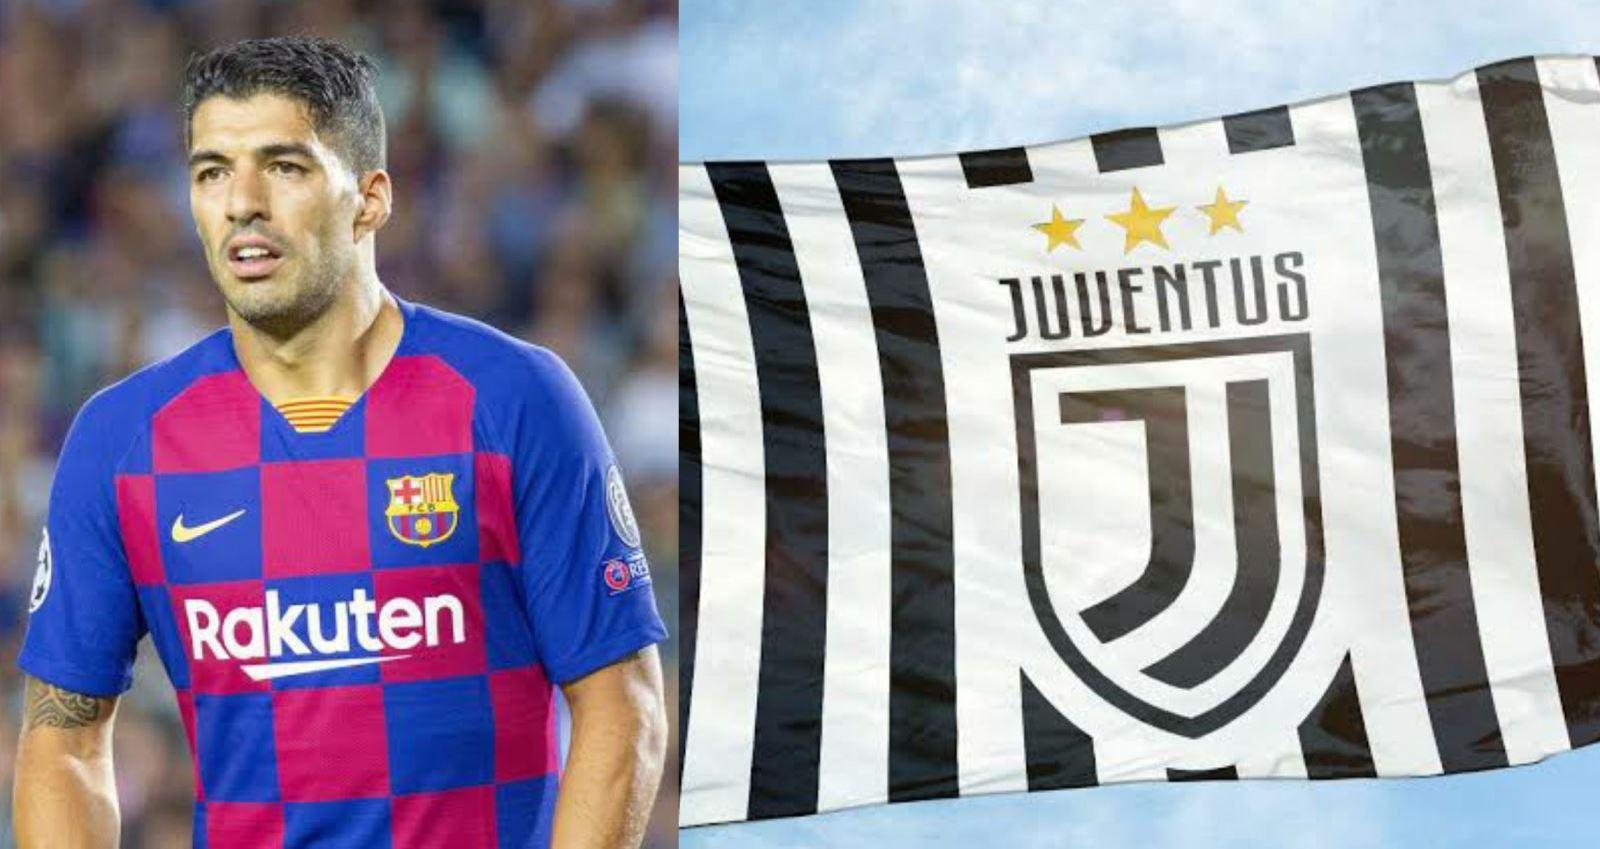 bóng đá, la liga, bóng đá tây ban nha, barcelona, real madrid, chuyển nhượng, gareth bale, tottenham, messi, pep guardiola